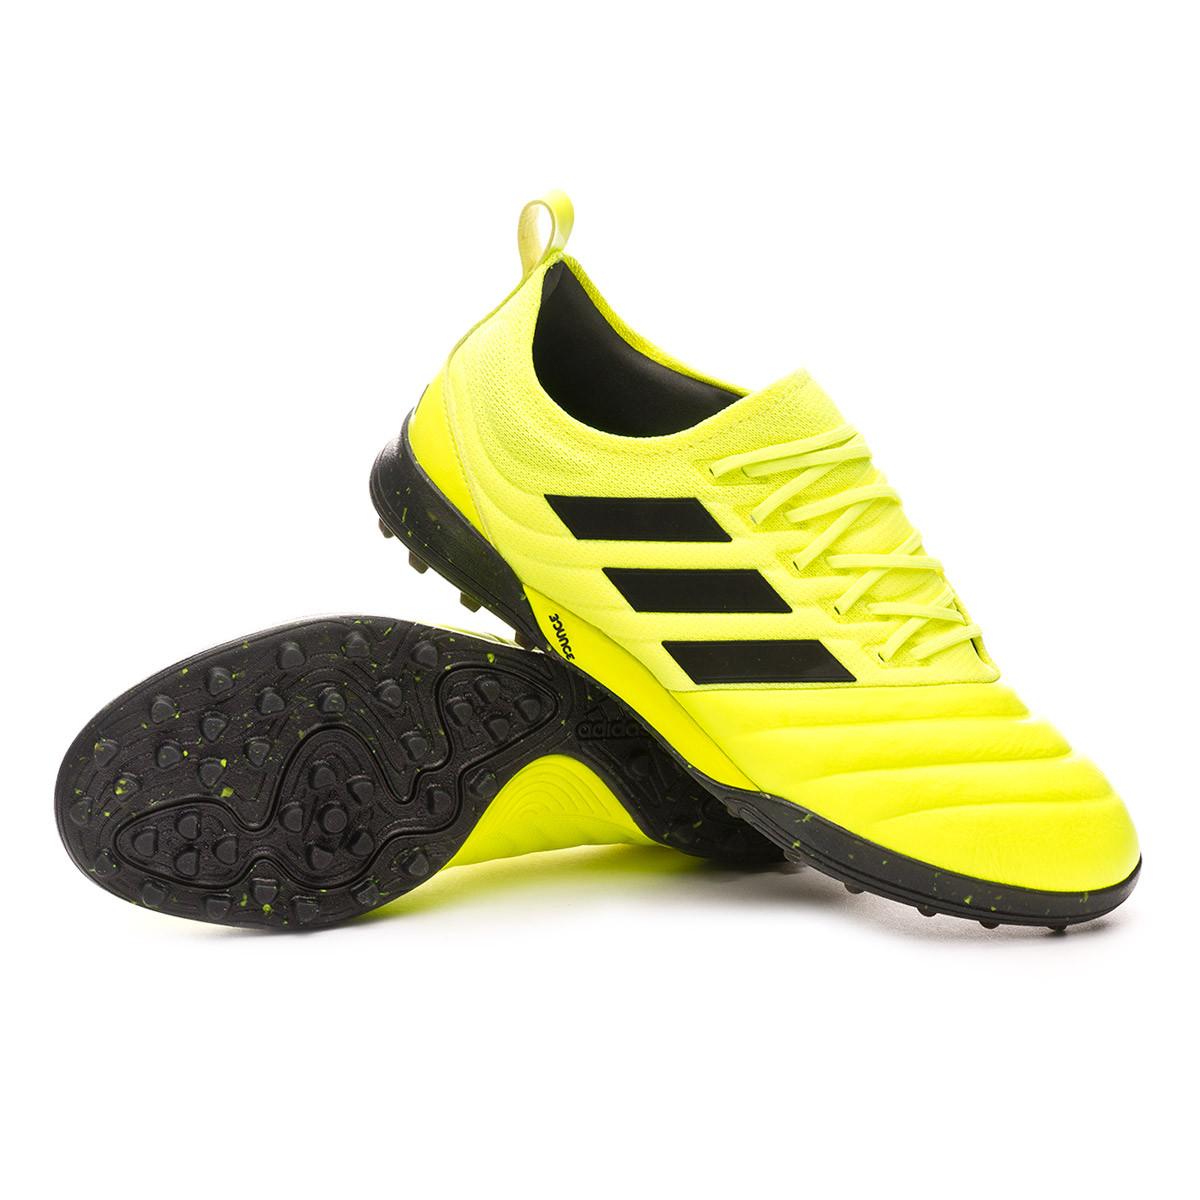 emulsión Validación oasis  Bota de fútbol adidas Copa 19.1 Turf Solar yellow-Core black-Solar yellow -  Tienda de fútbol Fútbol Emotion